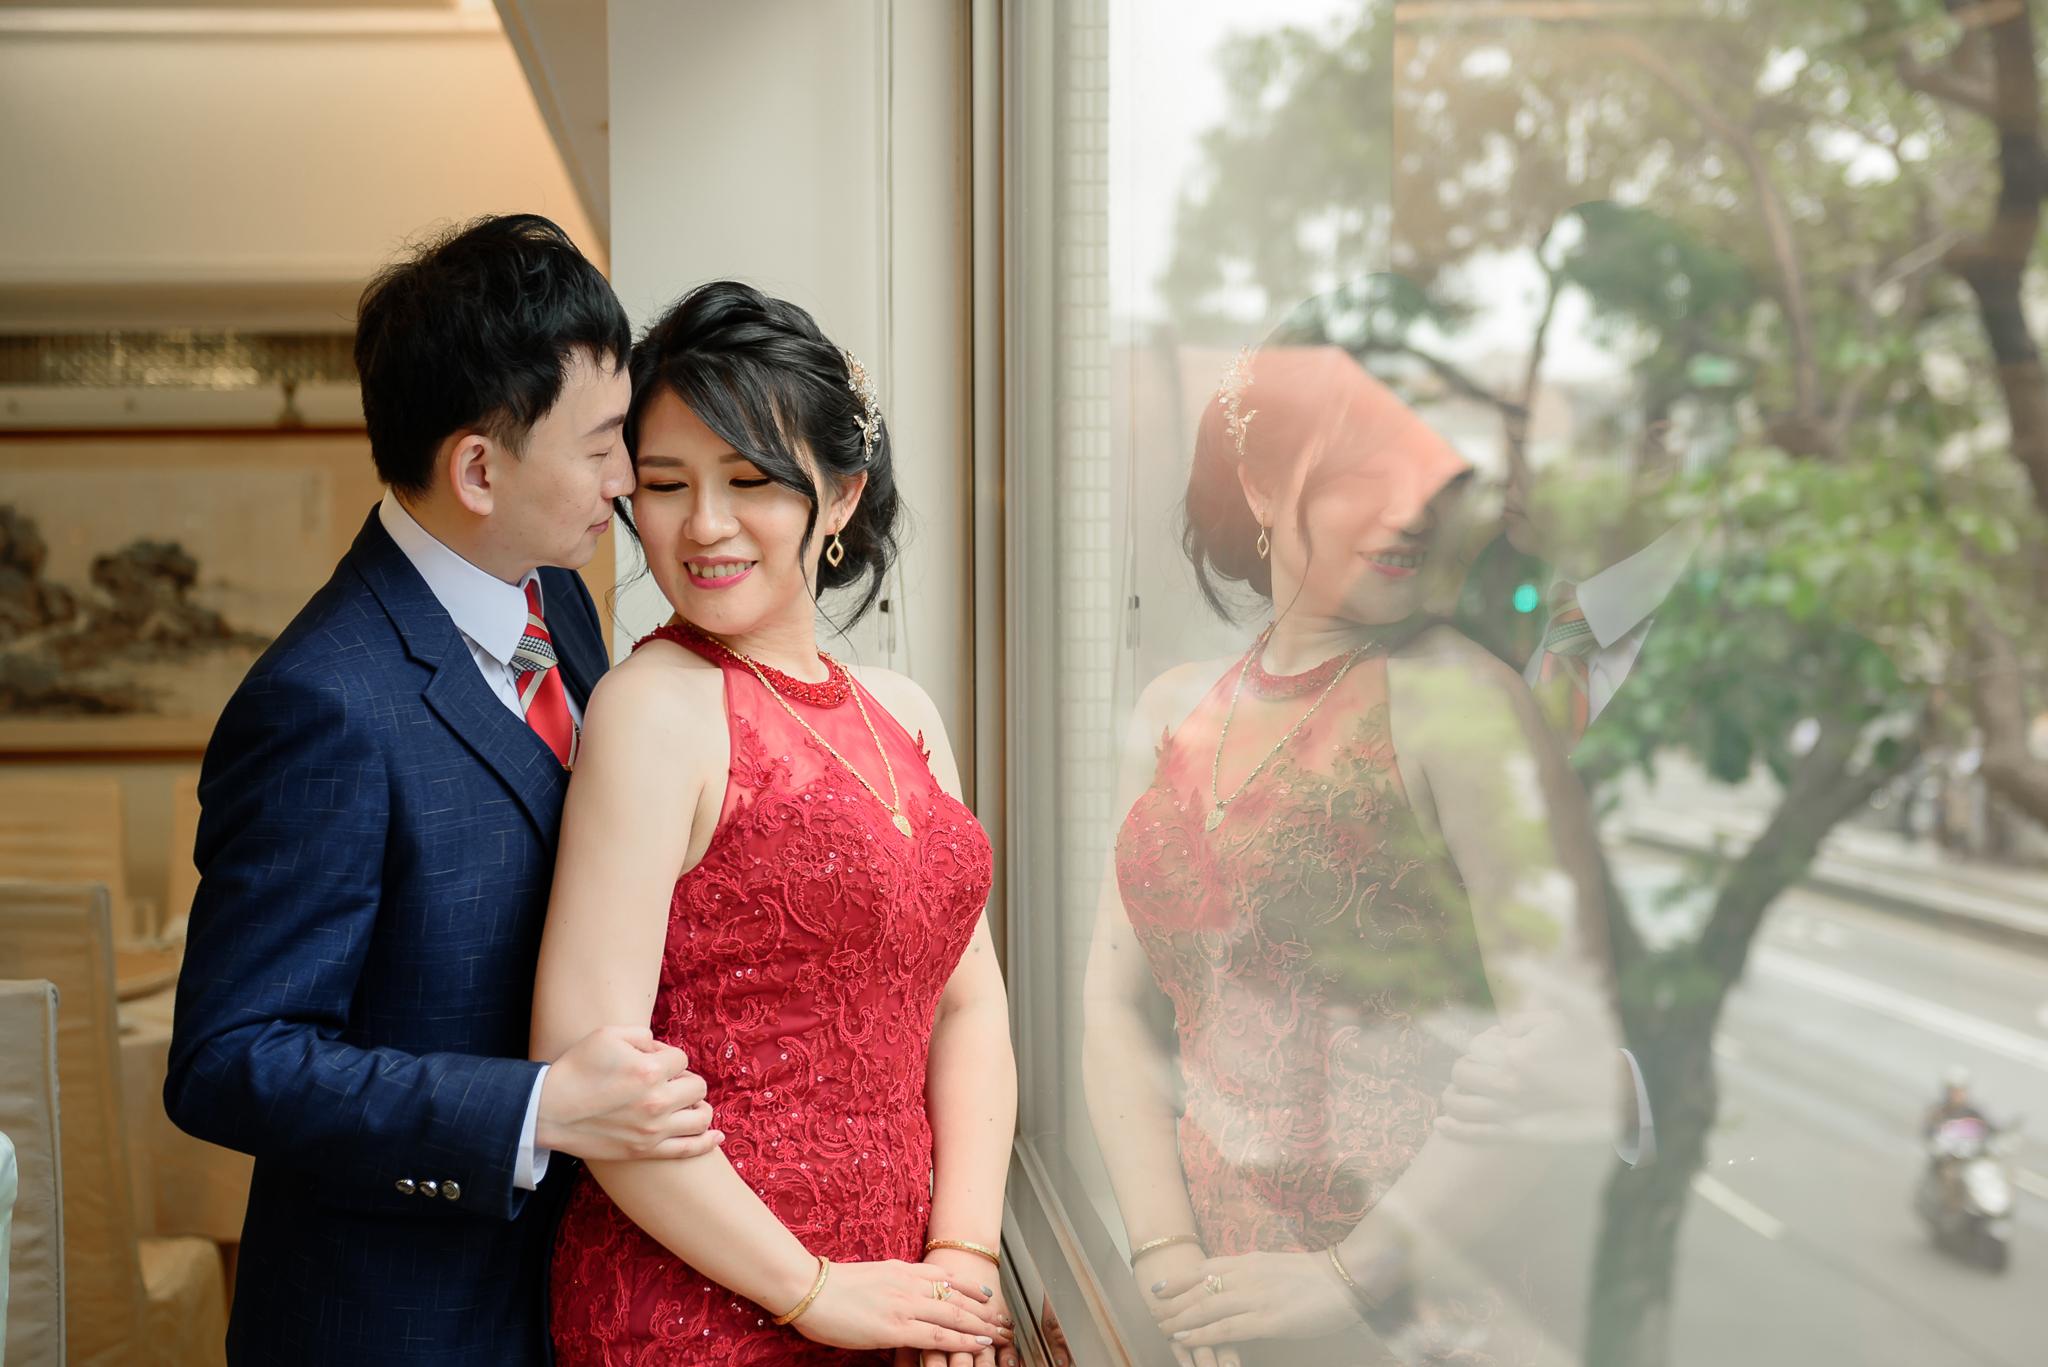 婚禮攝影,觀世音素菜,台北婚攝,文定家宴,發現好室